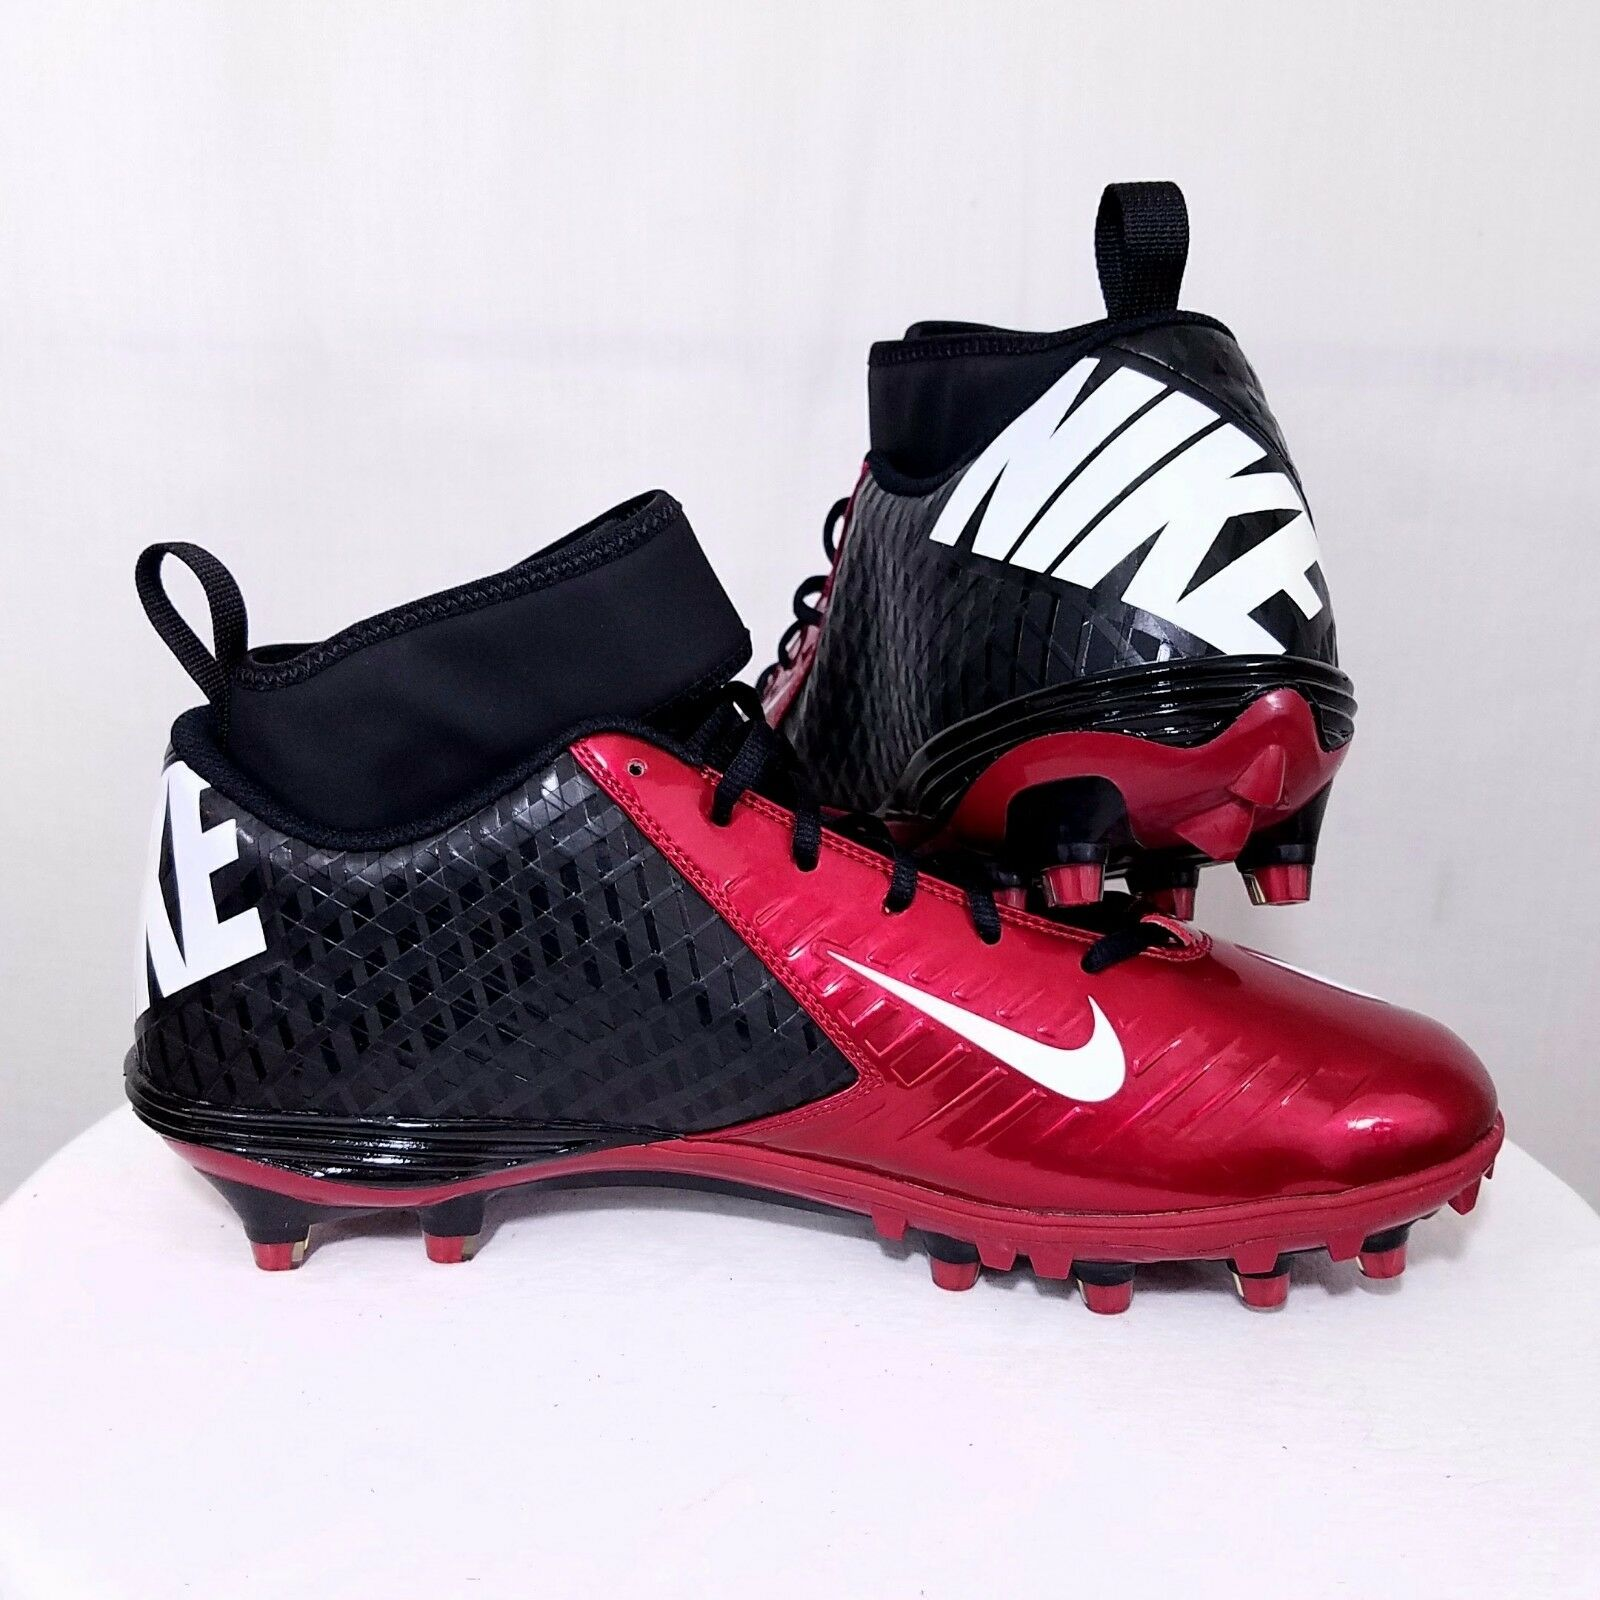 Noir Noir Noir nike high top basketball Chaussures nike Rouge and Noir football cleats 9901b3